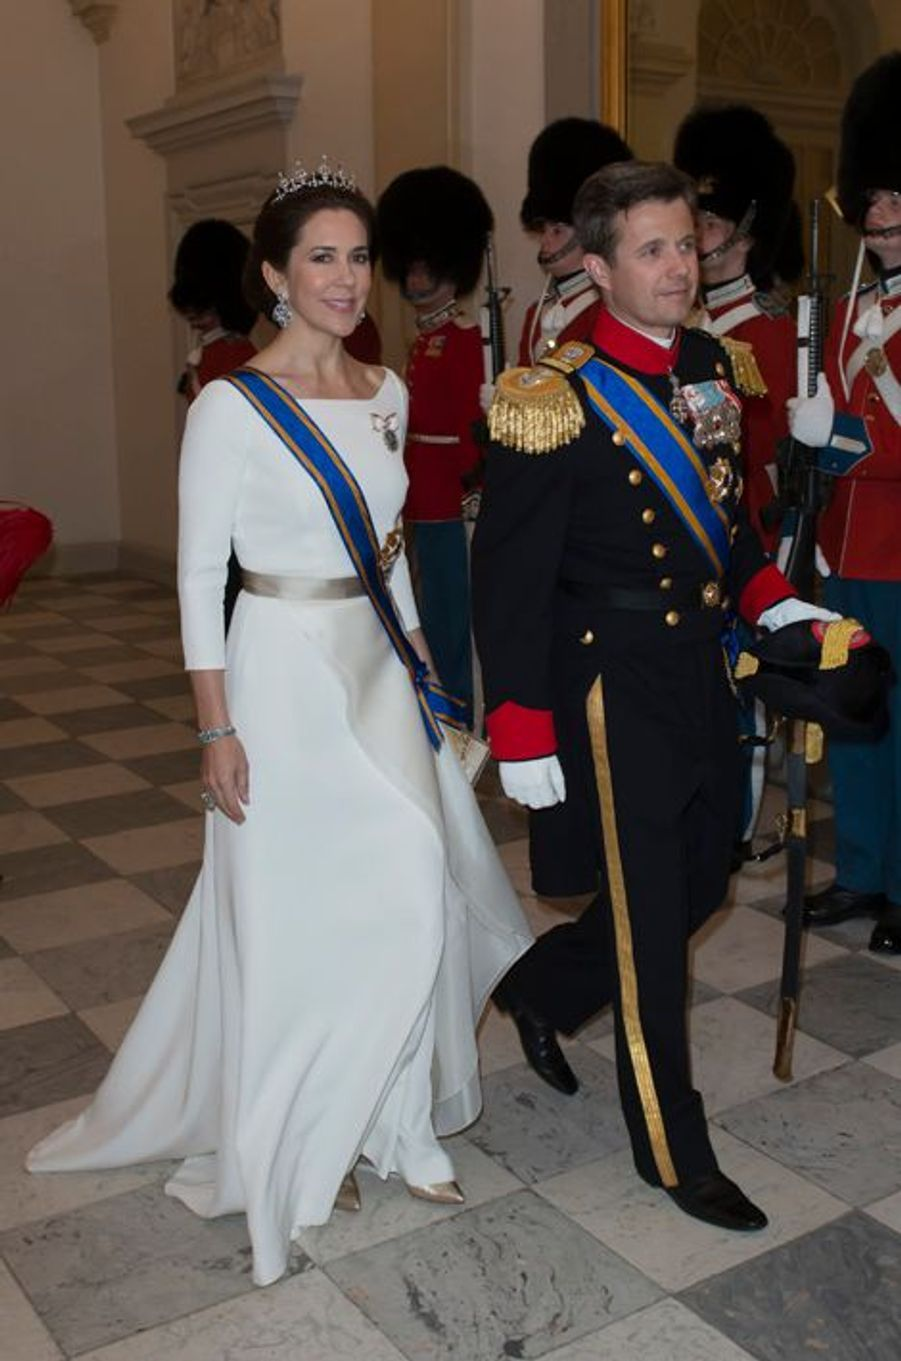 La princesse Mary et le prince Frederik de Danemark à Copenhague, le 17 mars 2015